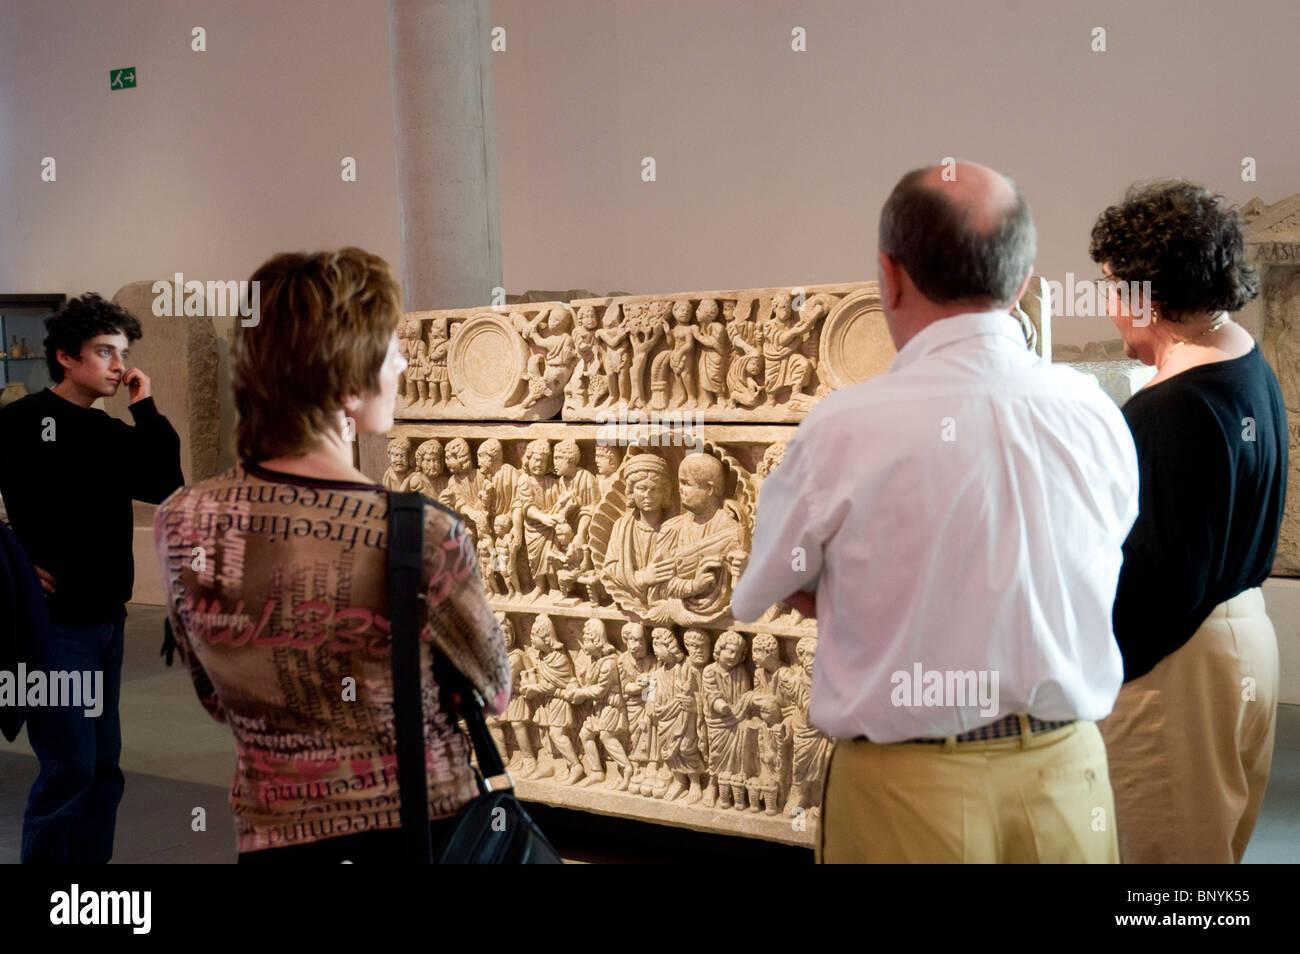 Les touristes visitant groupe Arles Musée Archéologique, Tour Guide expliquant les objets exposés, Photo Stock